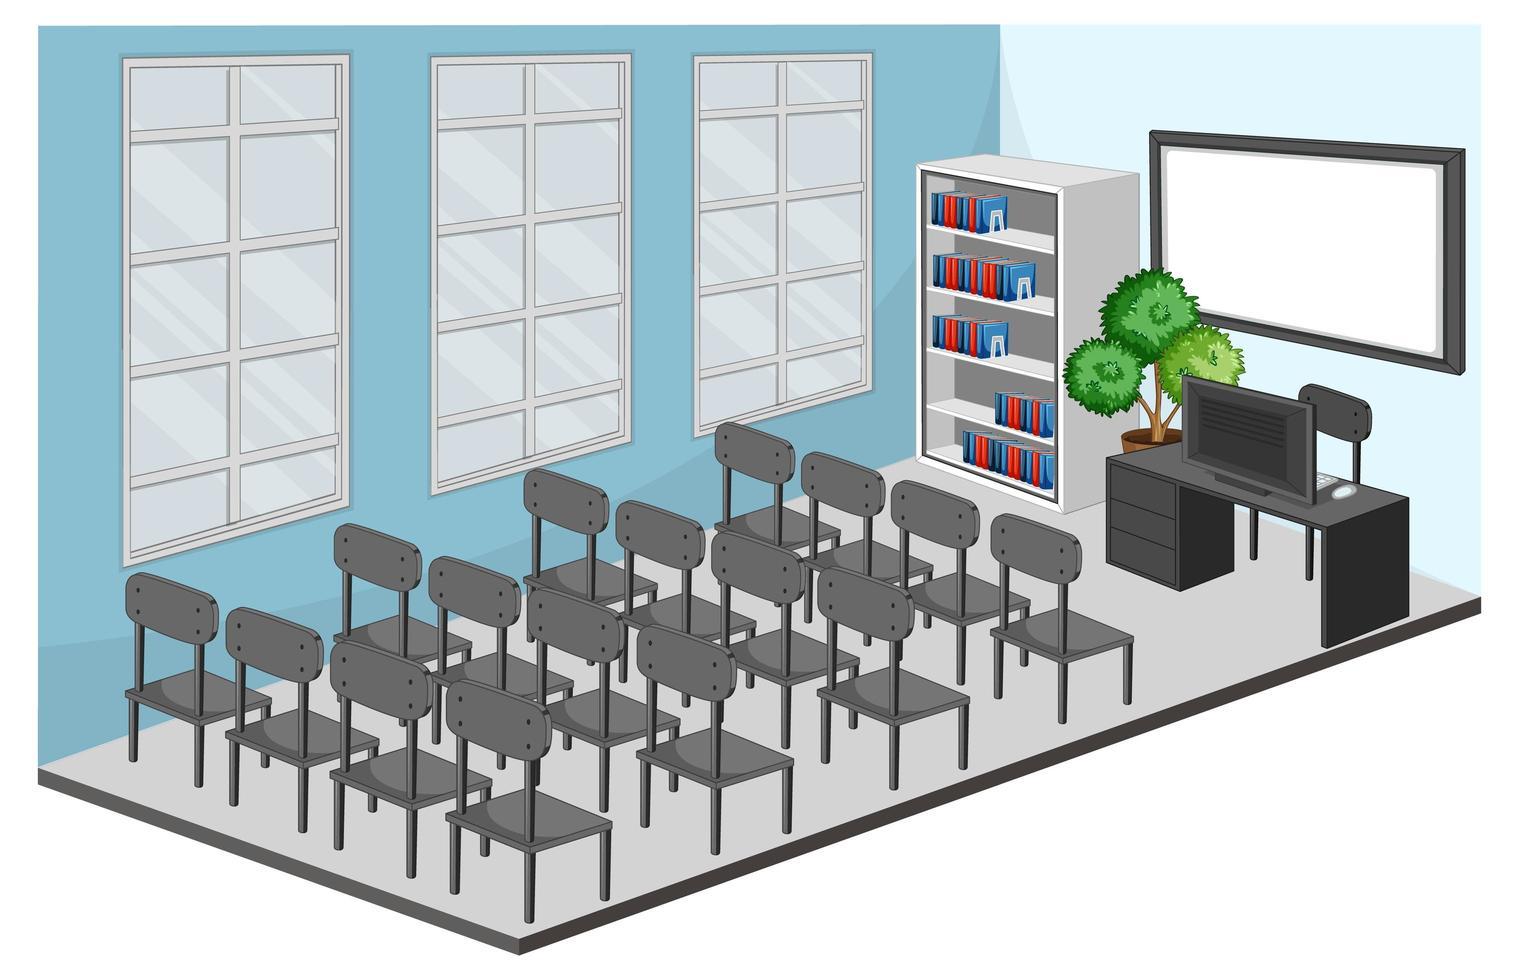 sala de reuniones o interior del aula con muebles vector